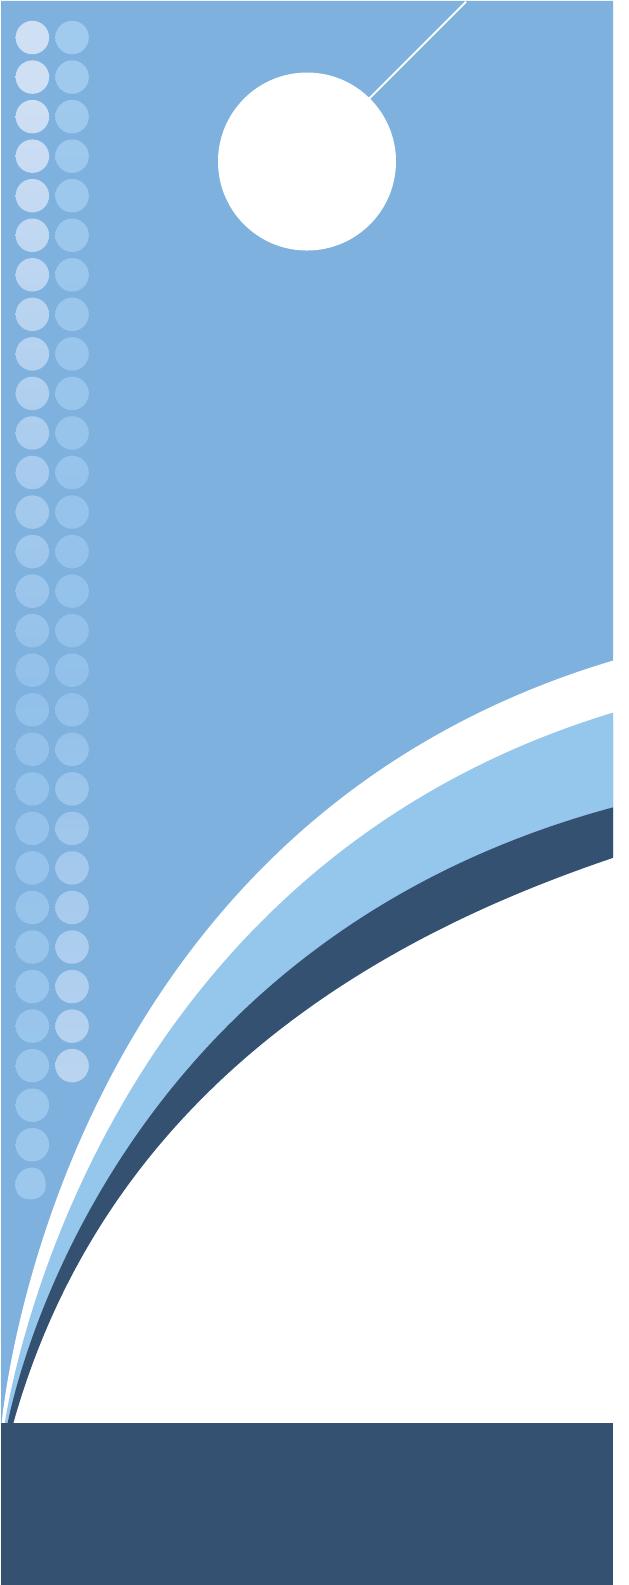 Free Healthcare Door Hanger Template 2 PDF – Healthcare Door Hanger